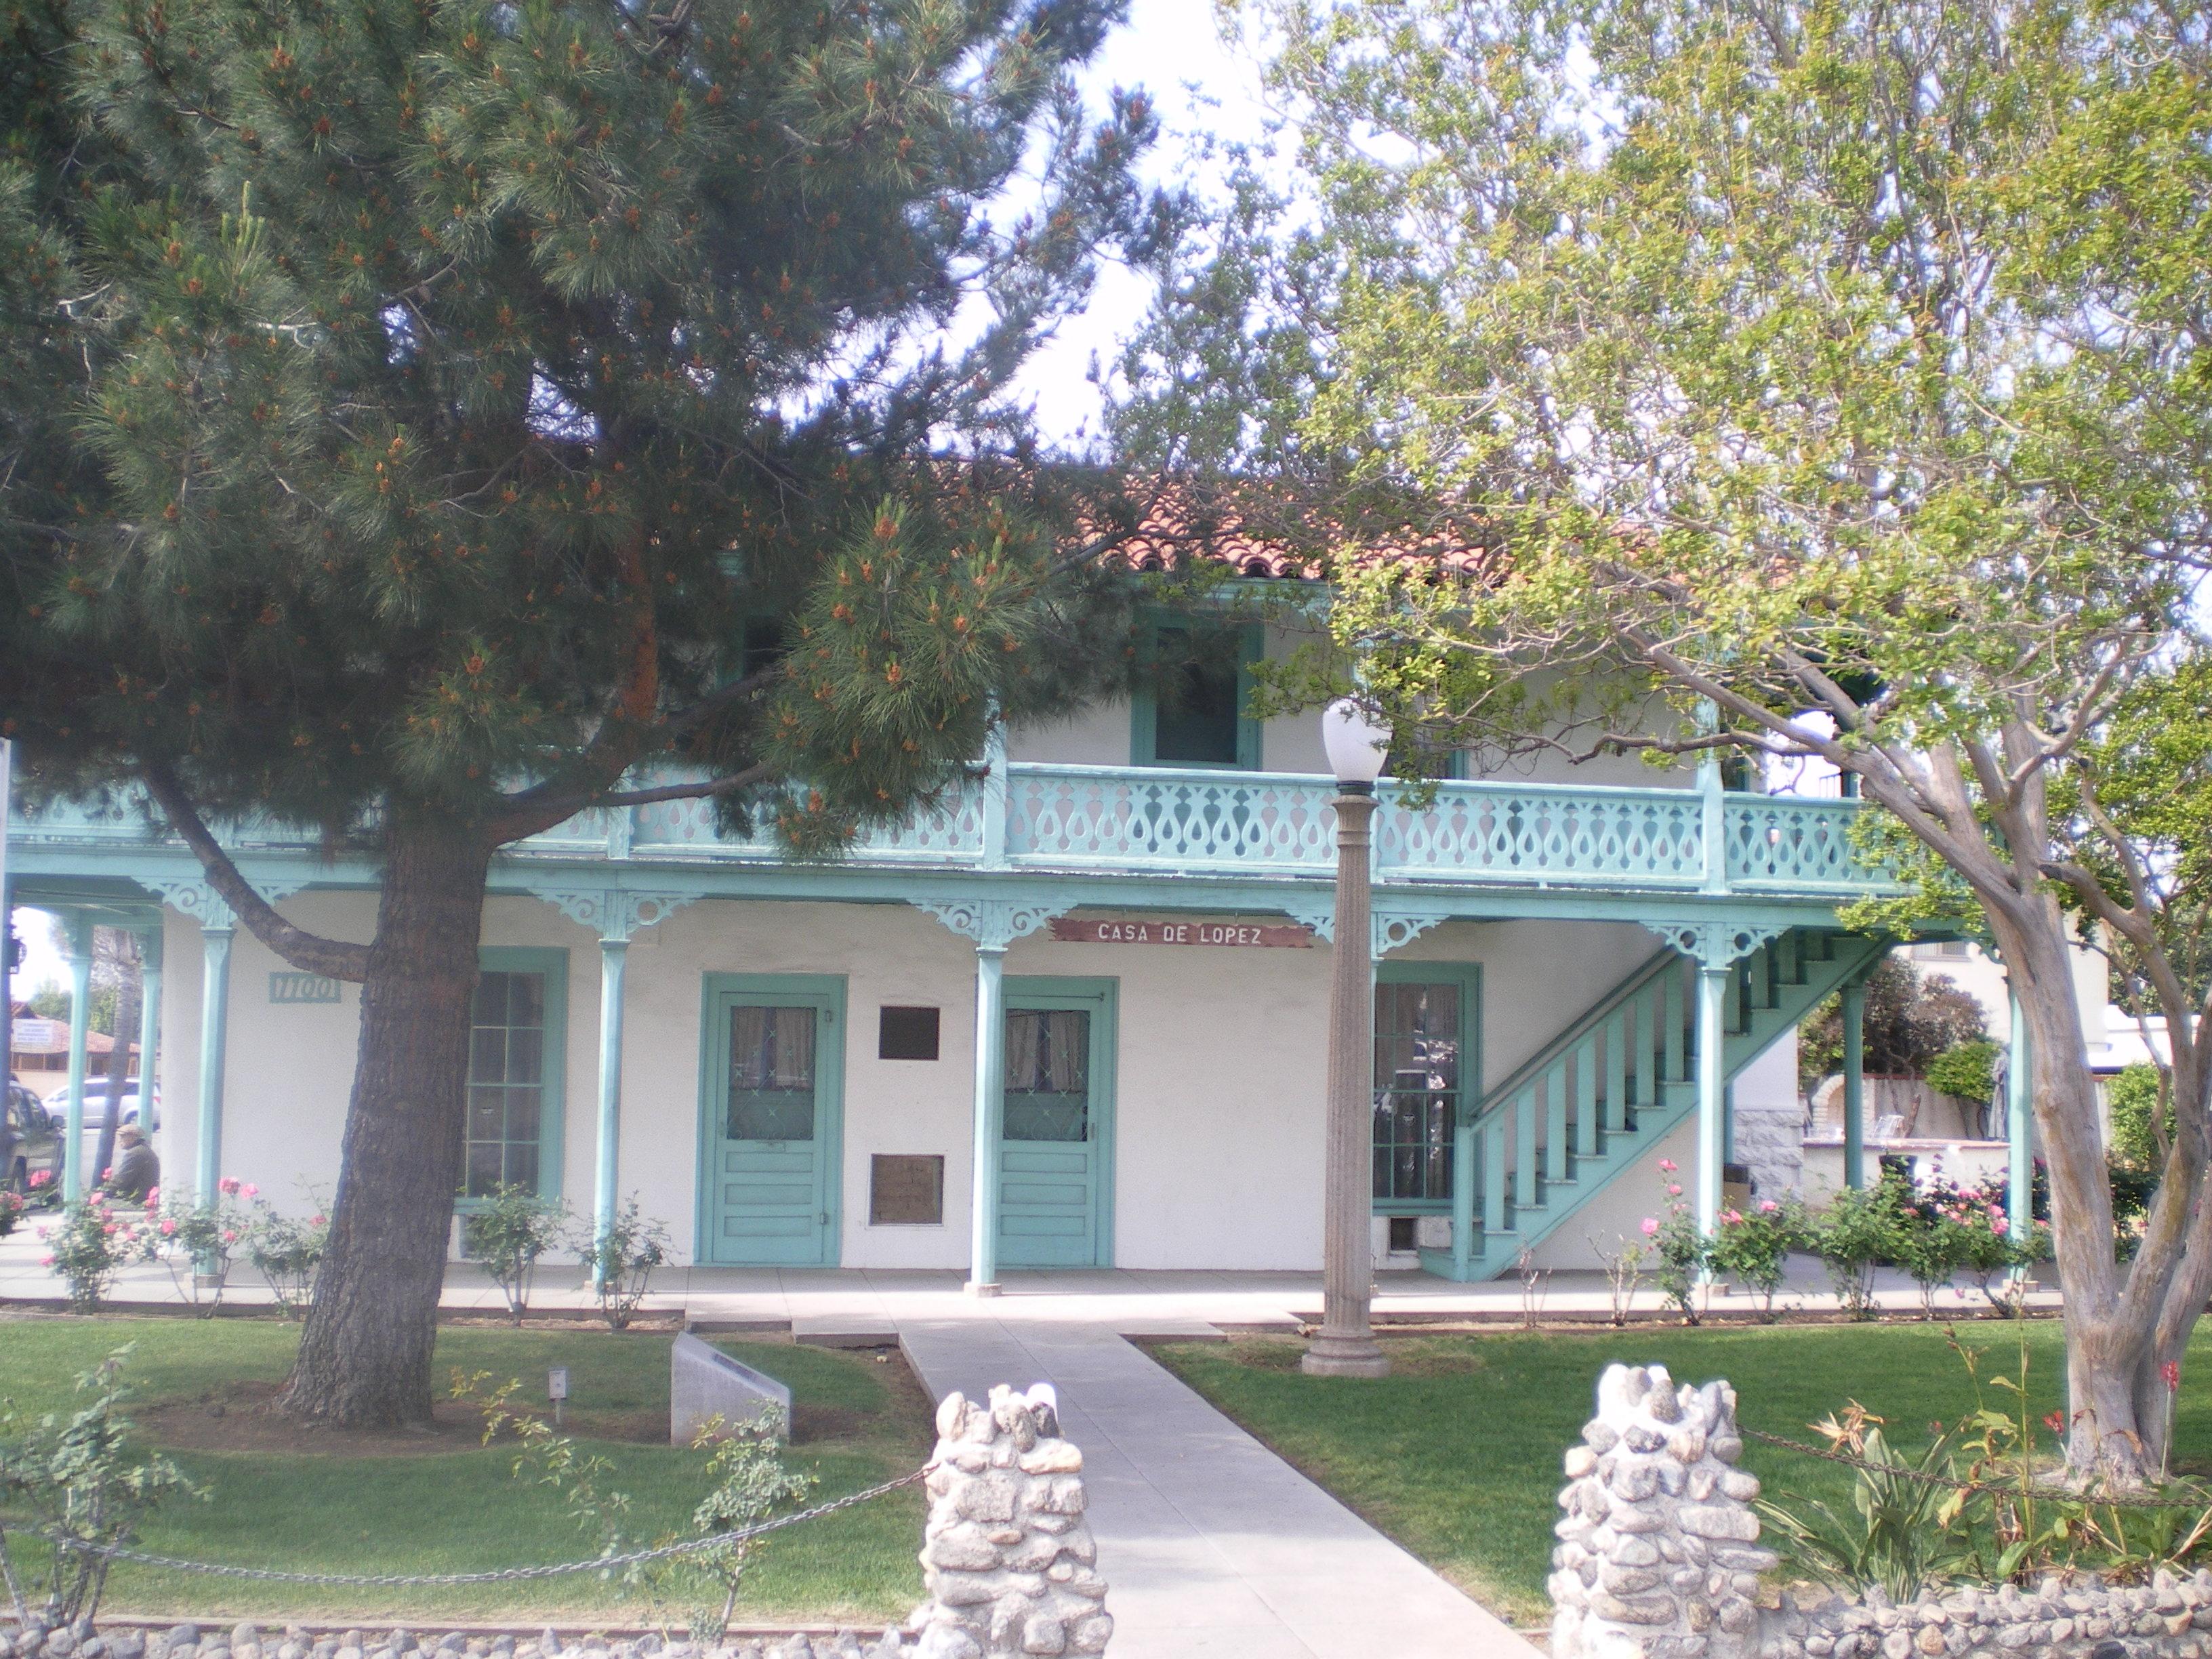 Casa de lopez lopez adobe san fernando ca jpg wikimedia commons